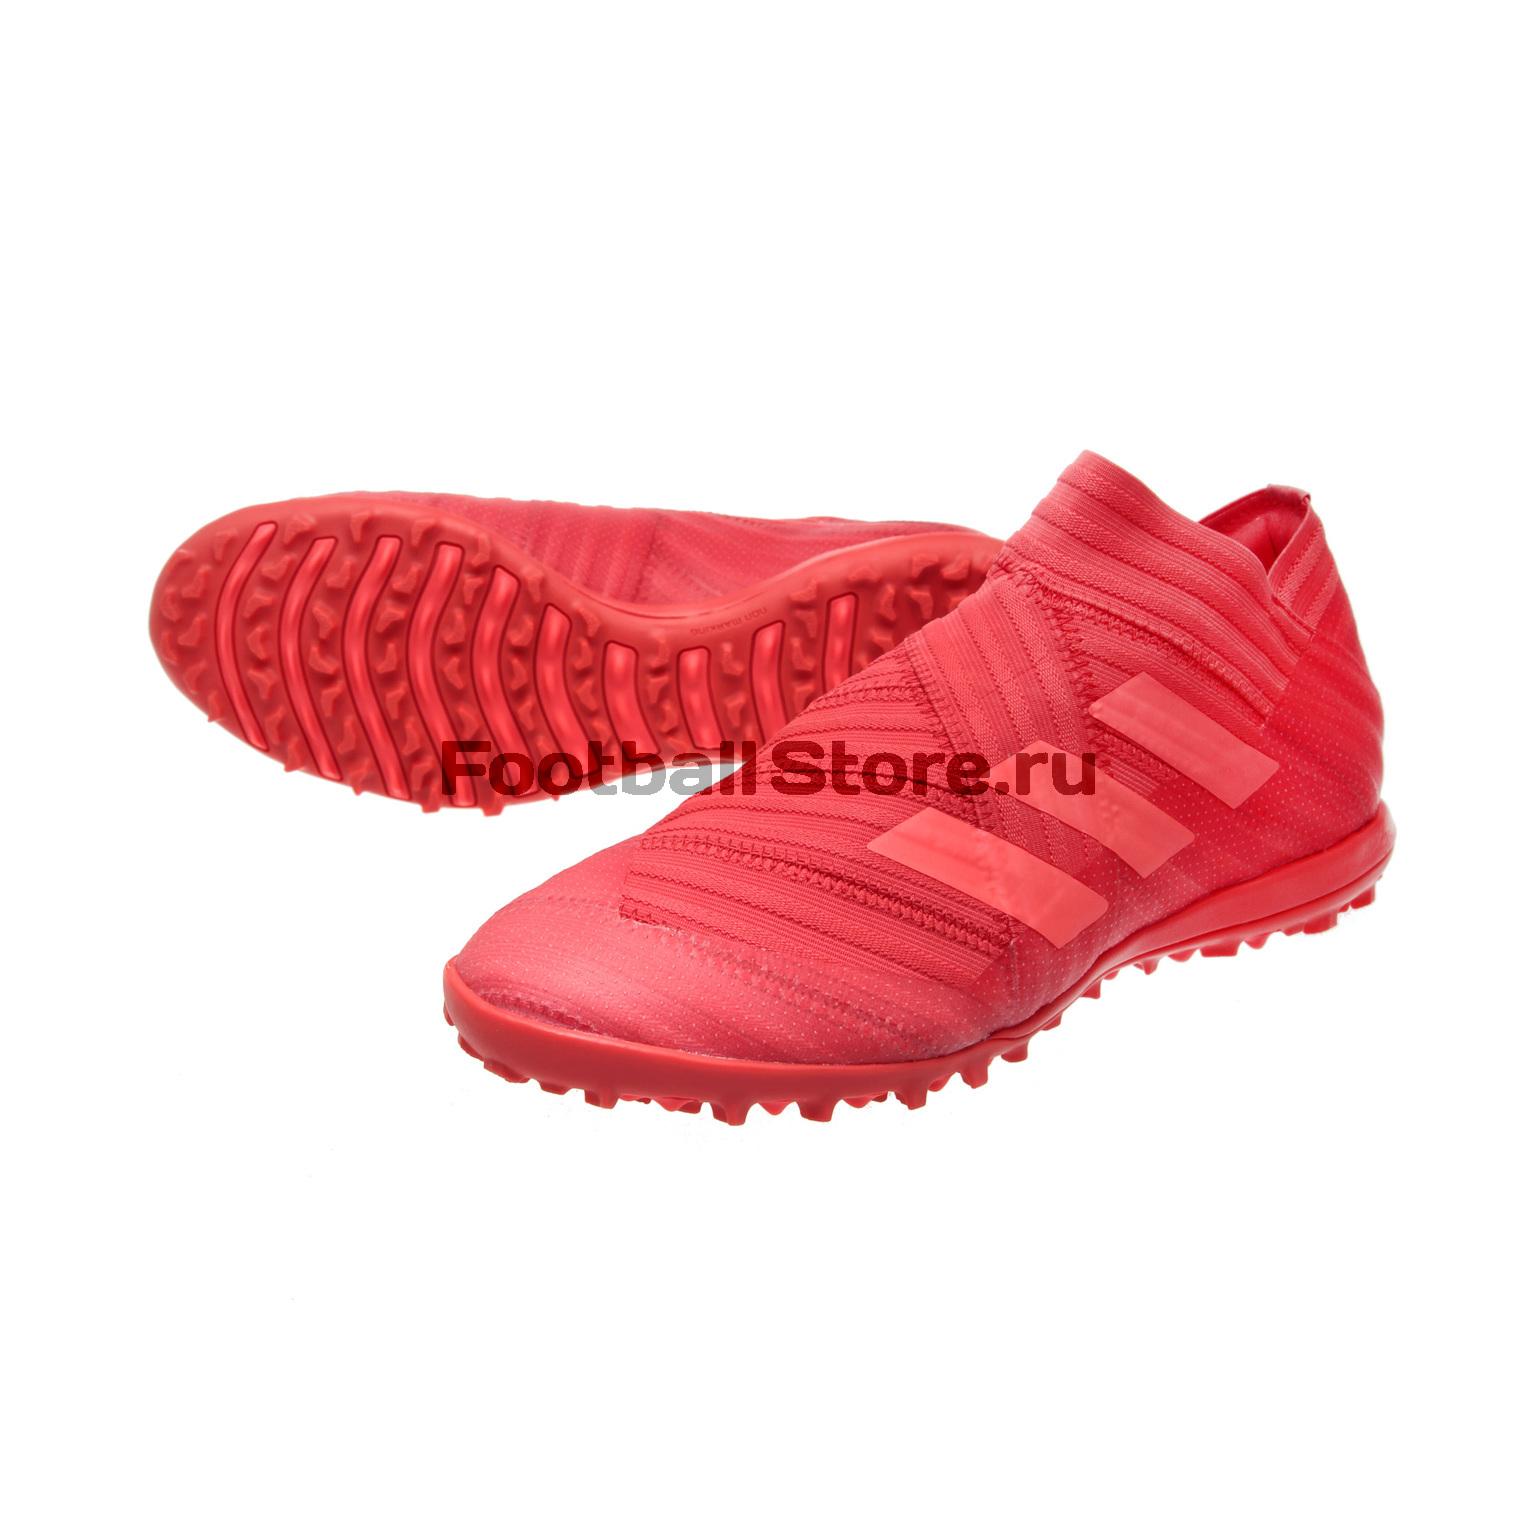 25997dca Шиповки Adidas Nemeziz Tango 17+ TF CP9093 шиповки adidas ace tango 17 1 tf  s80700